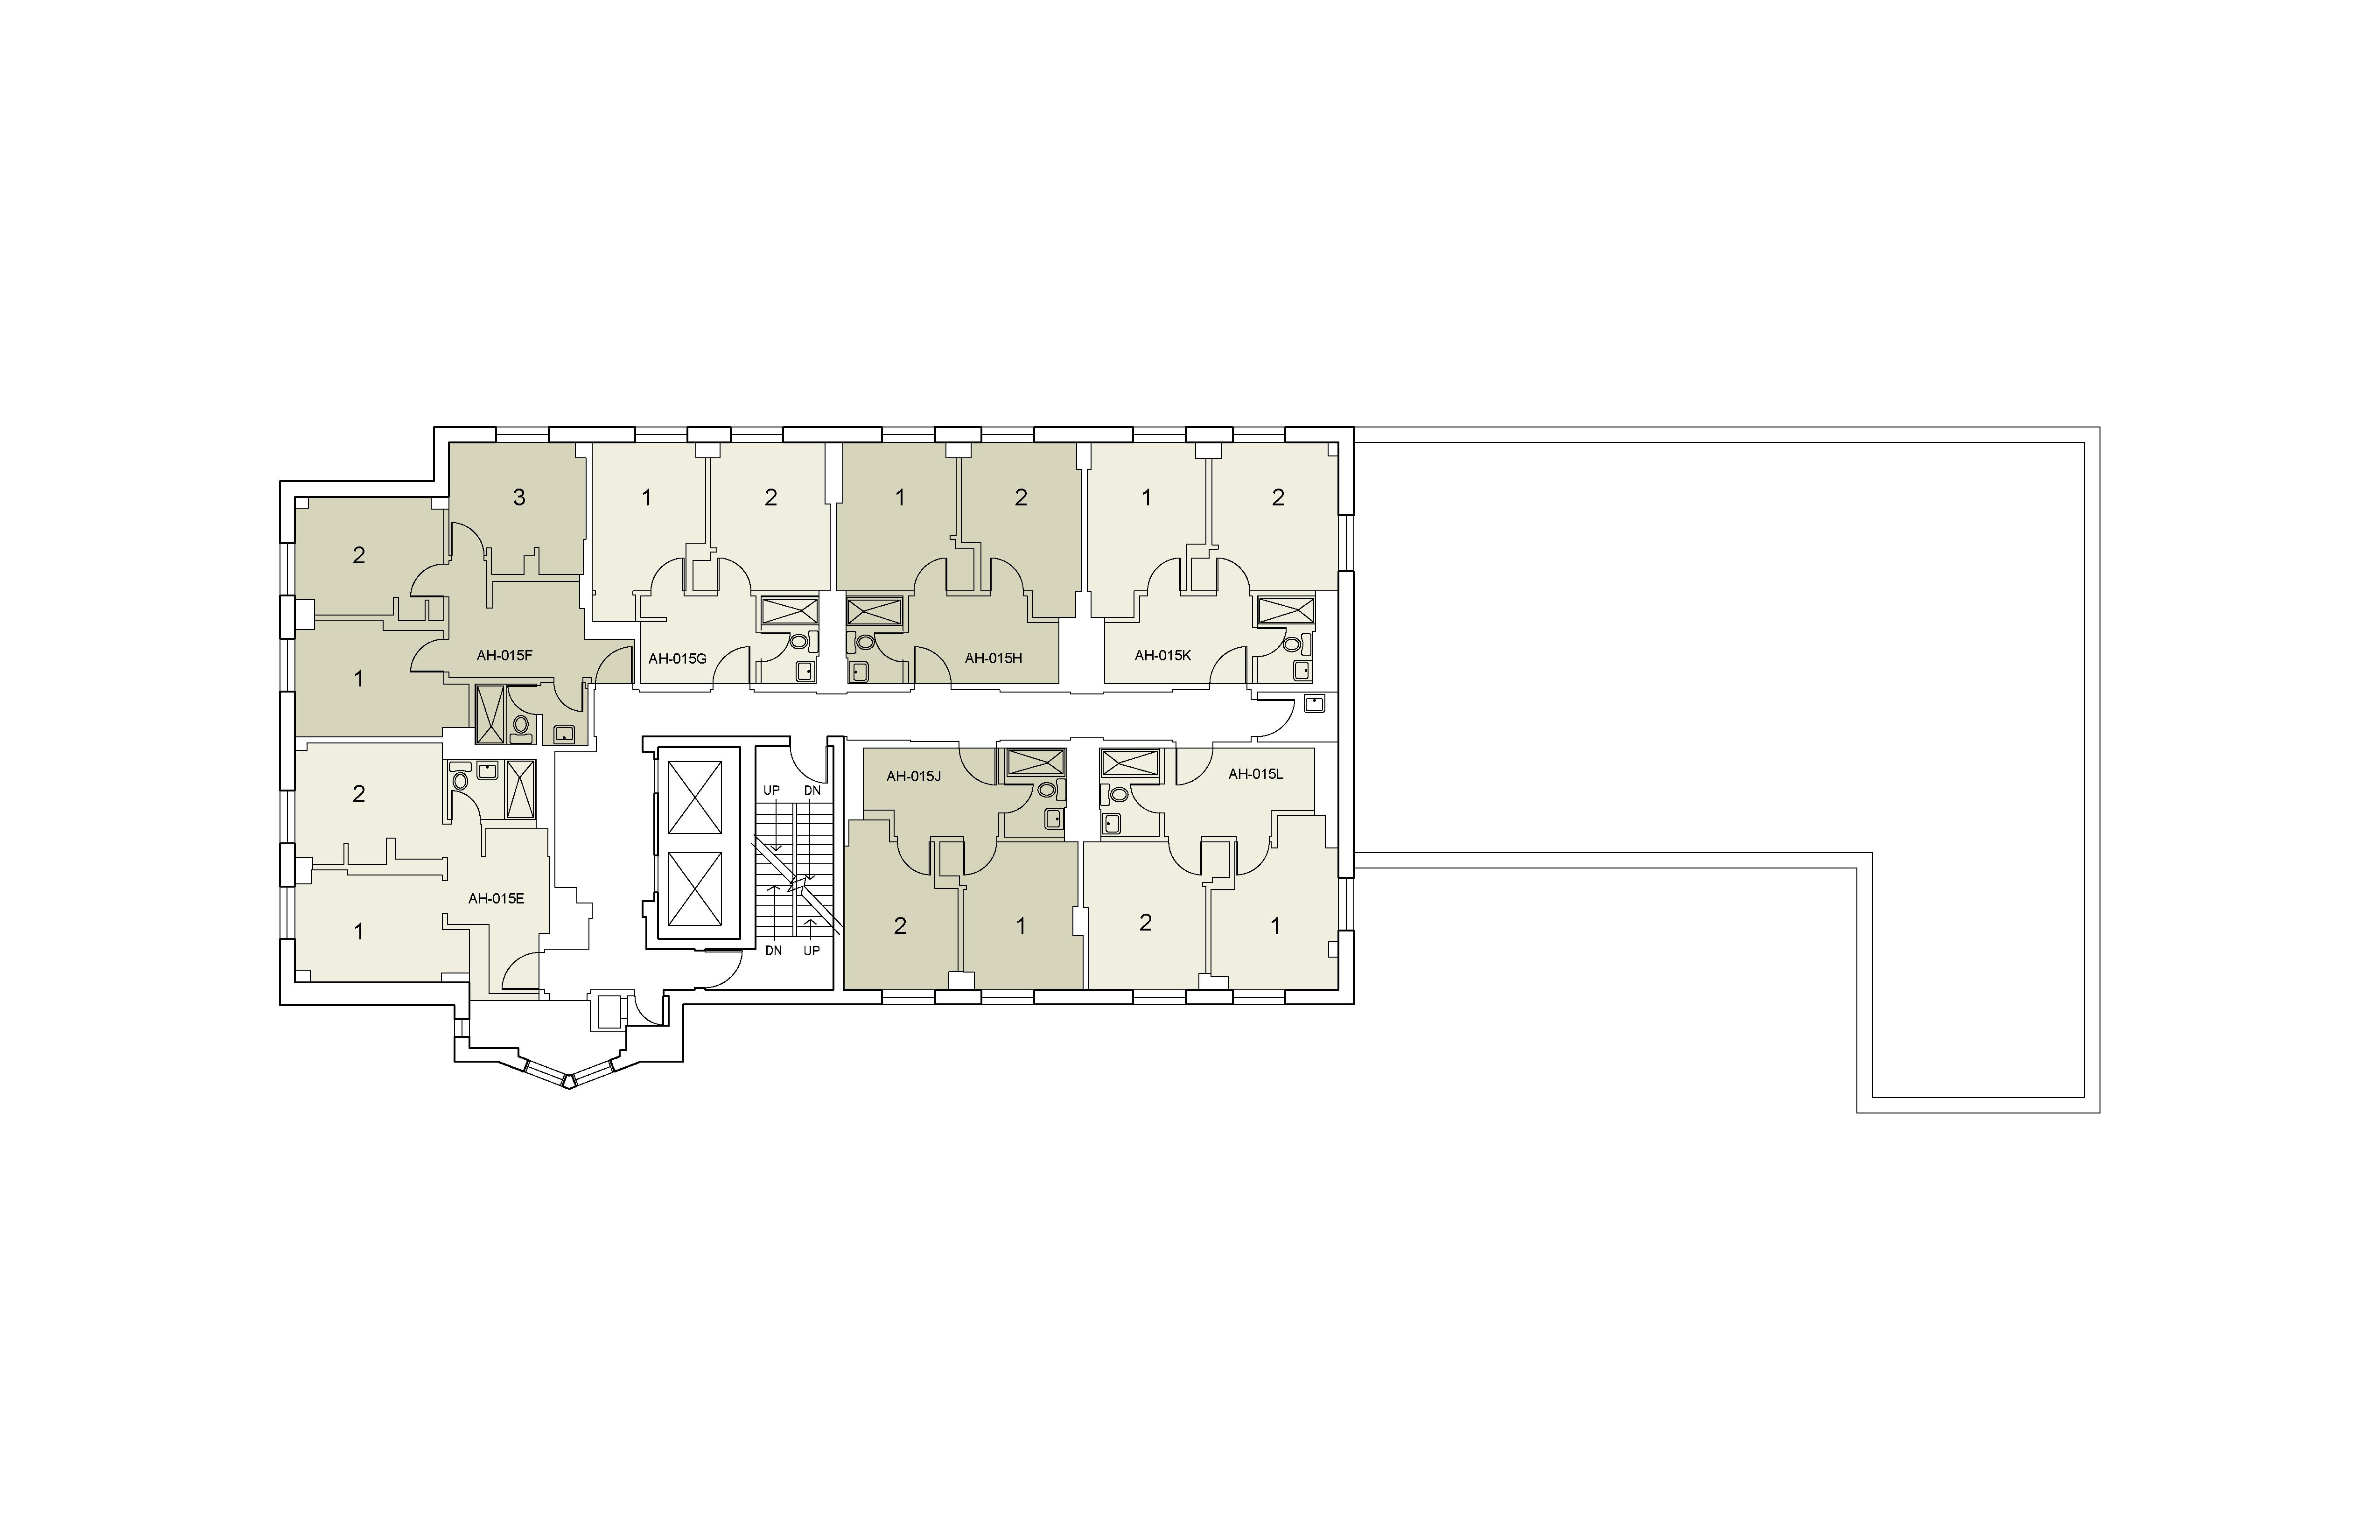 Floor plan for Alumni Floor 15